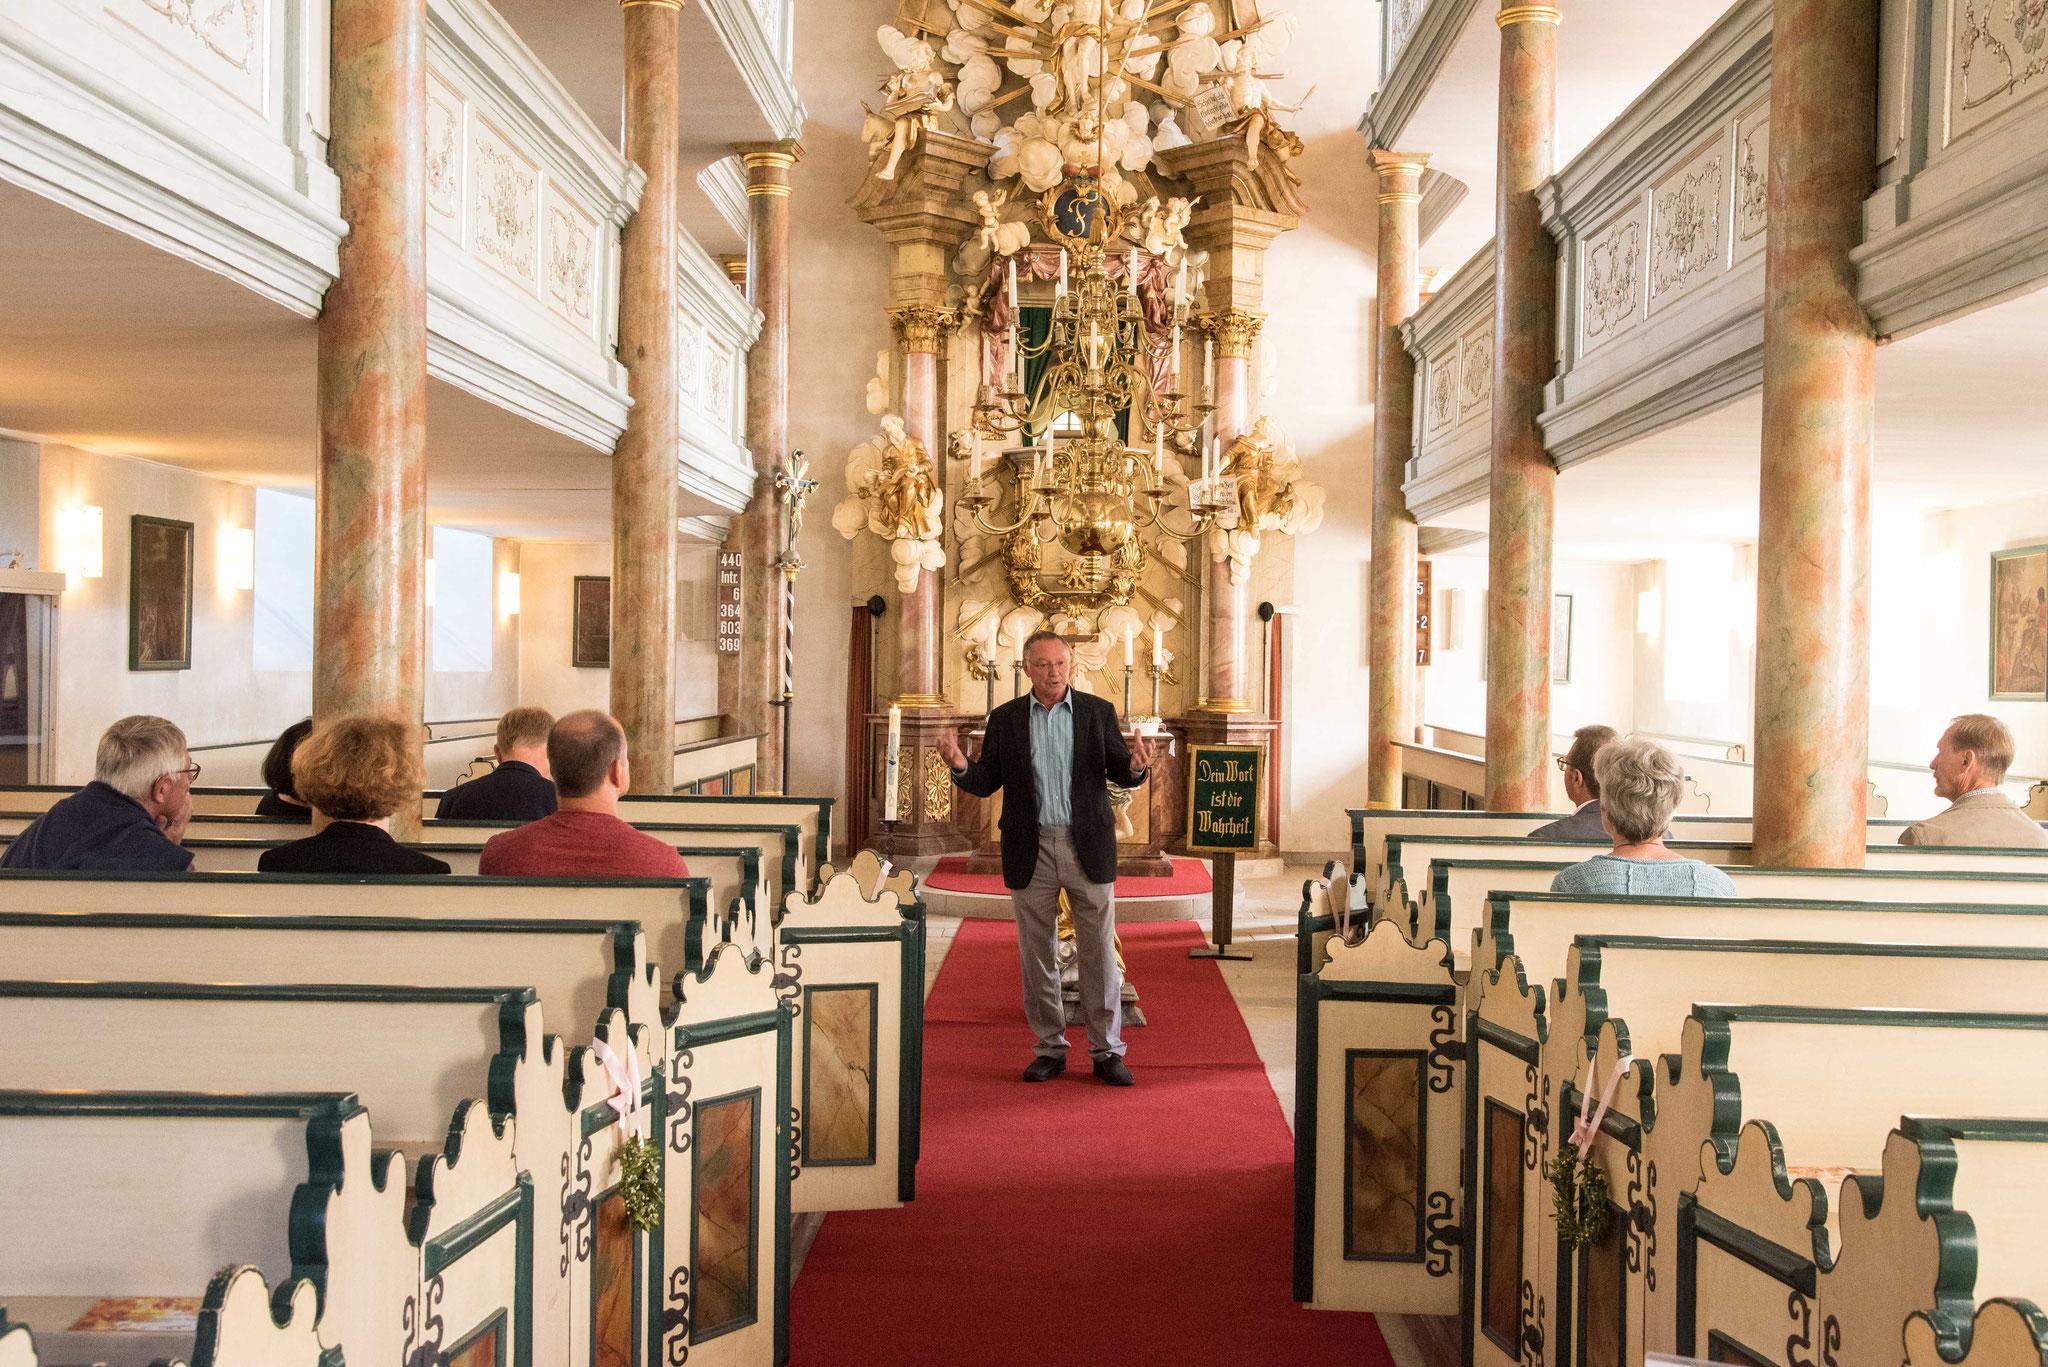 Hans Peetz führte durch die Pfarrkirche St. Johannins in Bayreuth